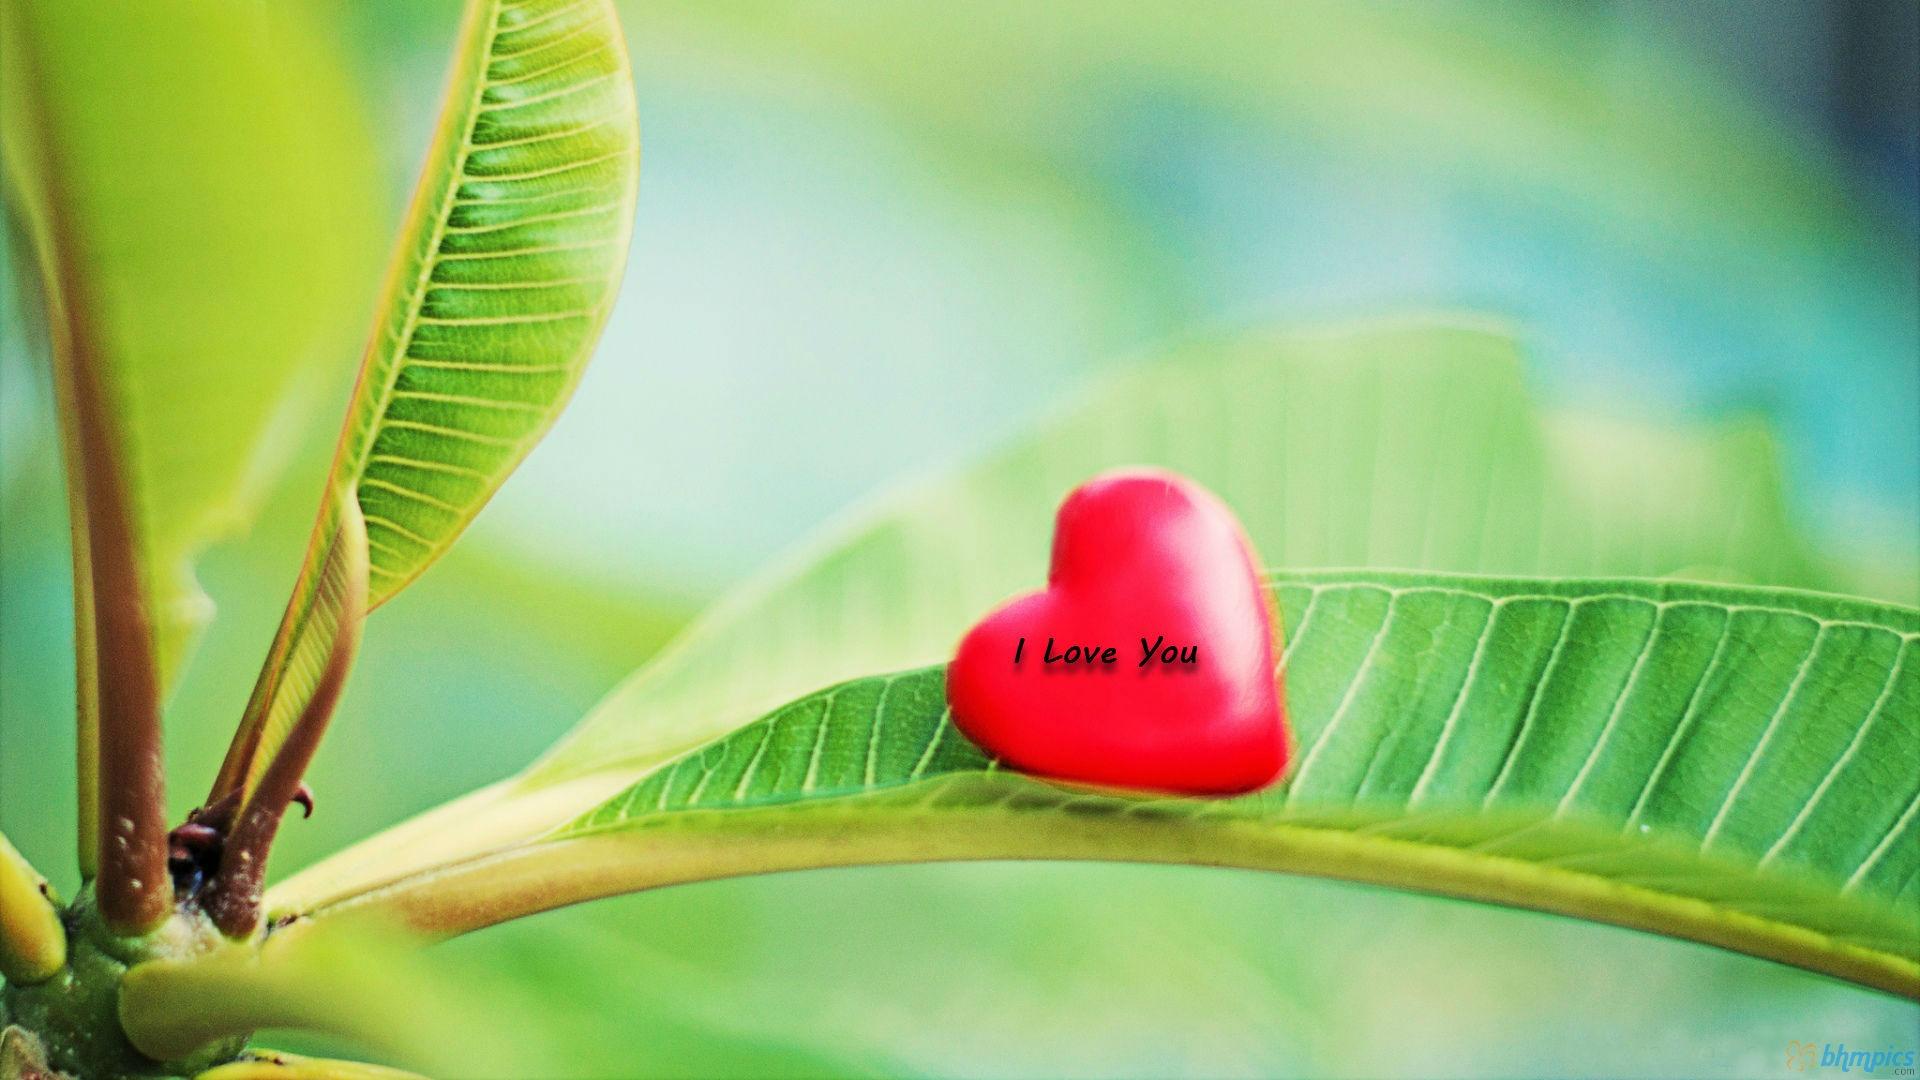 Kadar hodim po svežini jutranjih ros in slišim milino nežnega petja ptic, se mi telo napolni z radostjo in mirom, ki je vse le ena sama ljubezen. Življenje, res si lepo.